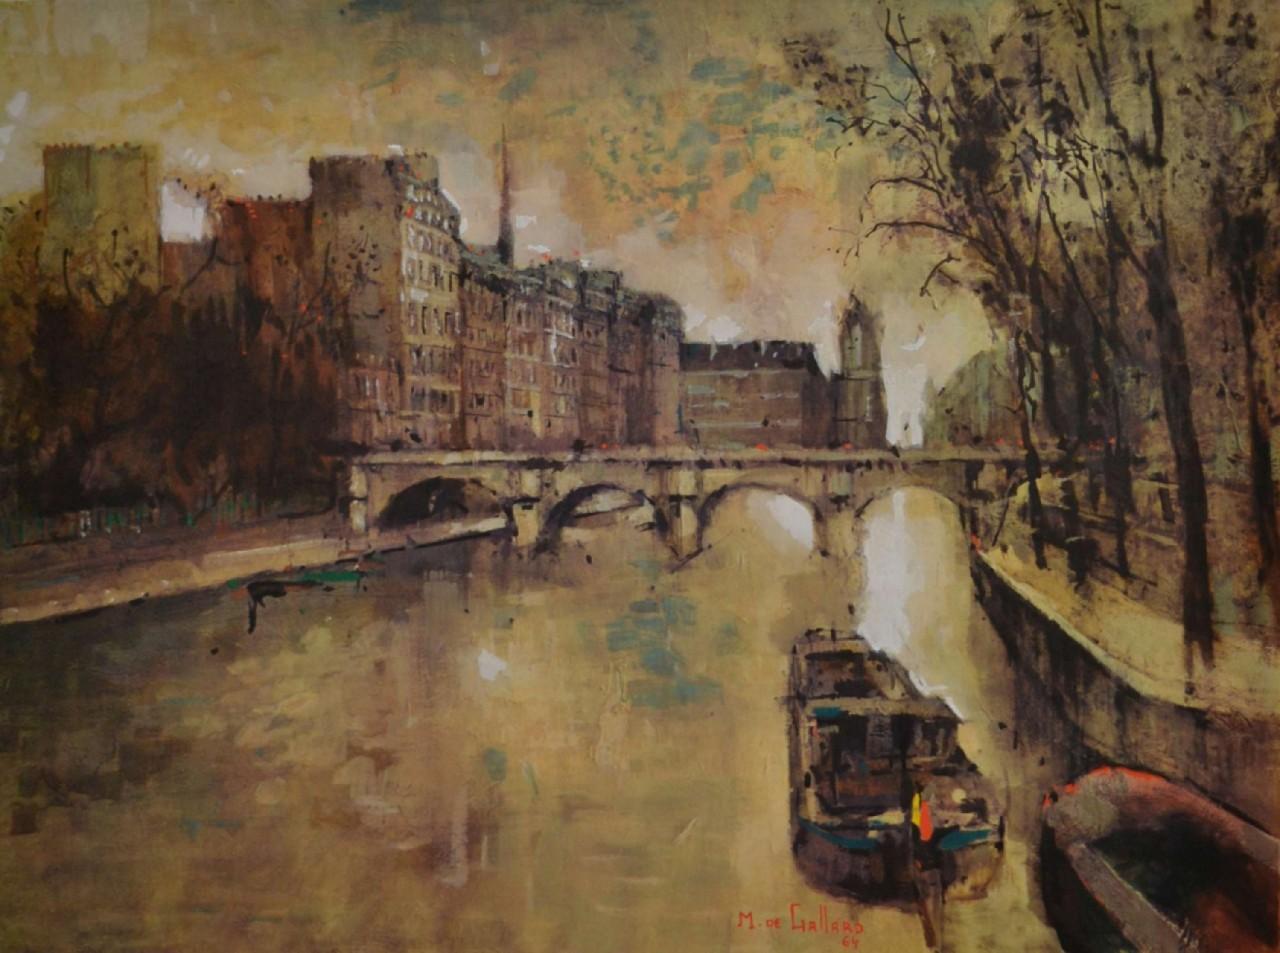 GALLARD Michel de péniche pont neuf